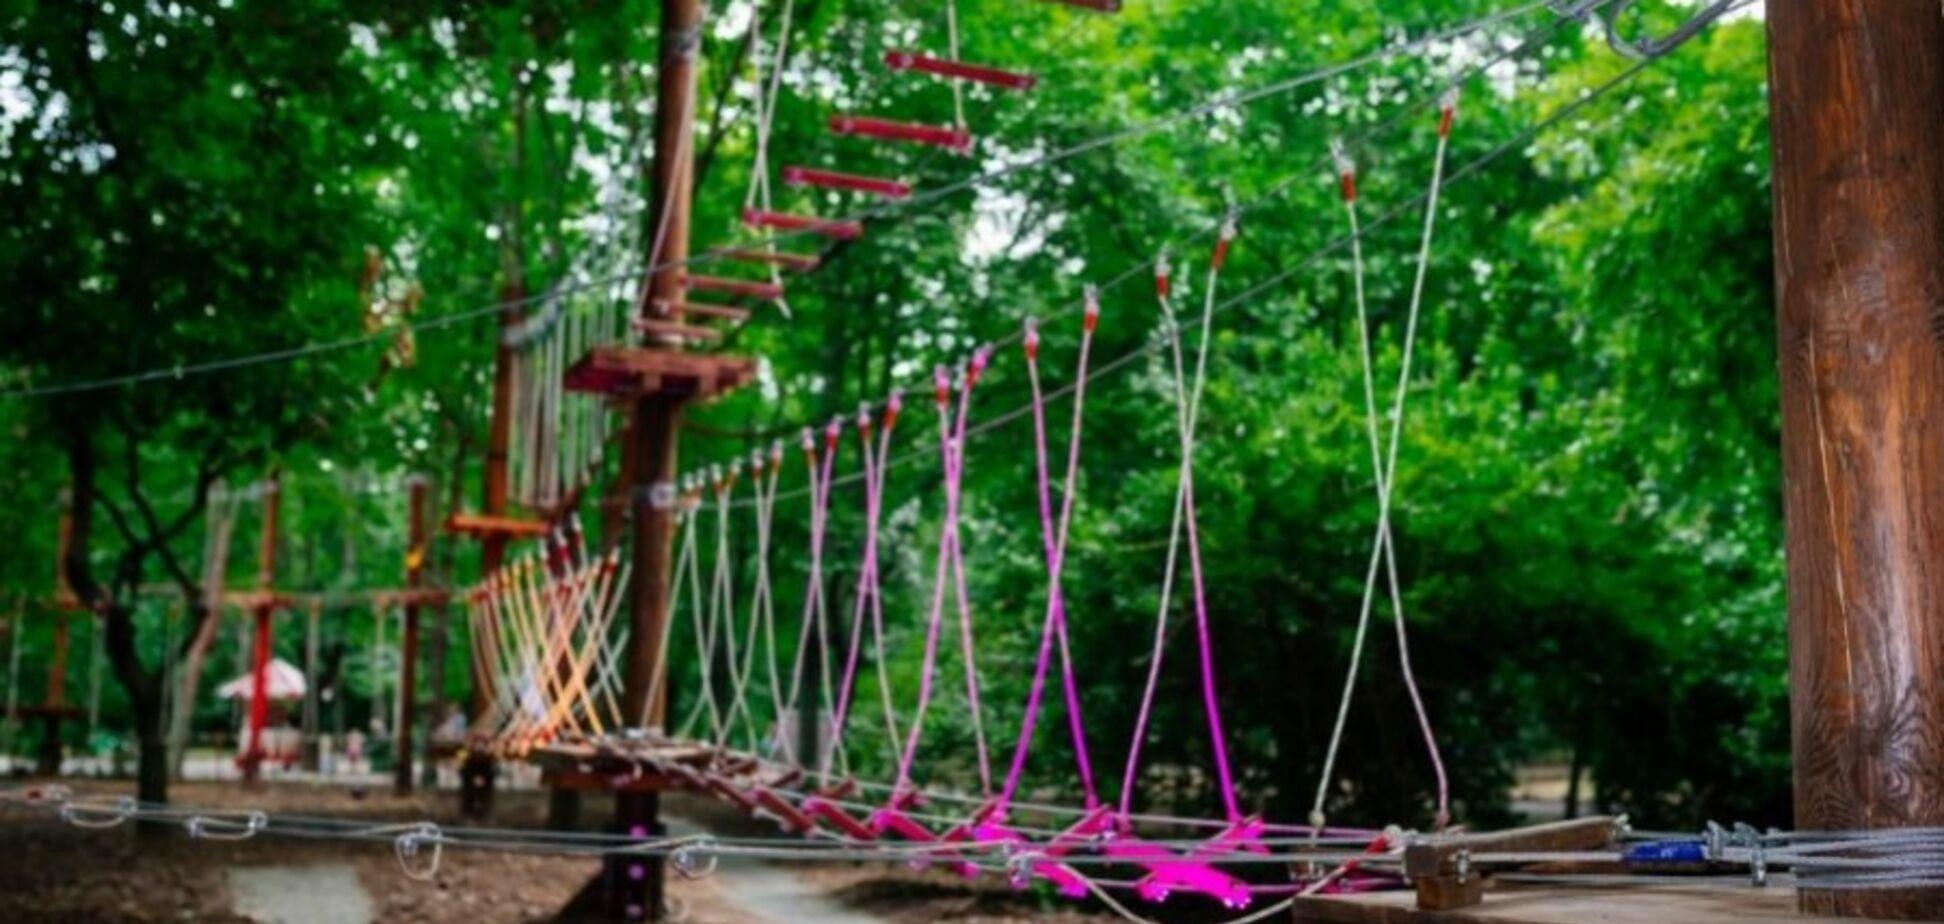 Під Харковом обладнають мотузковий парк